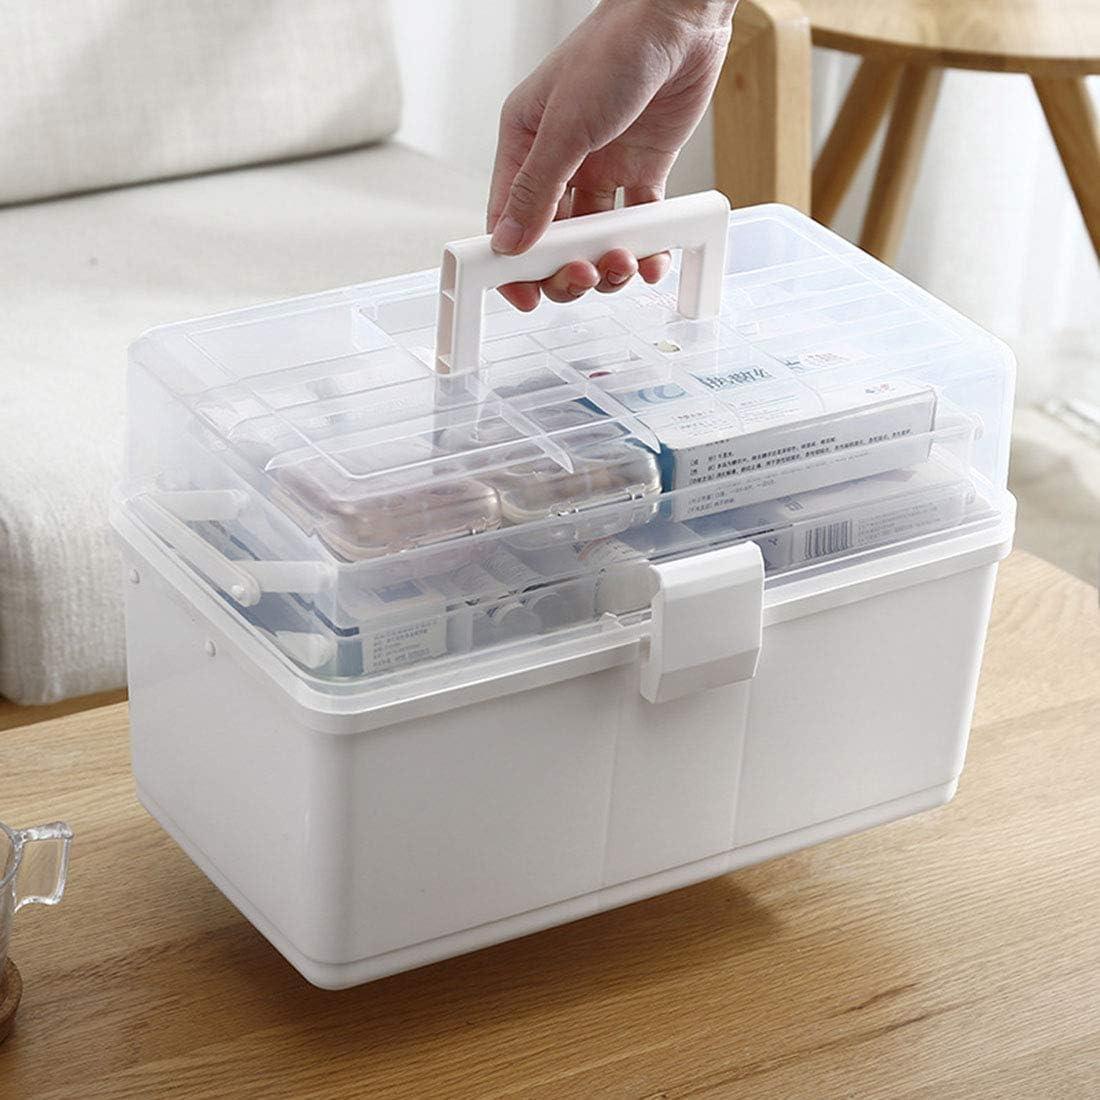 ZUJI Armadietto Medicinali 3-Strato Scatola per Medicinali Portatile Medica Cassetta di Pronto Pillola Stoccaggio Astuccio